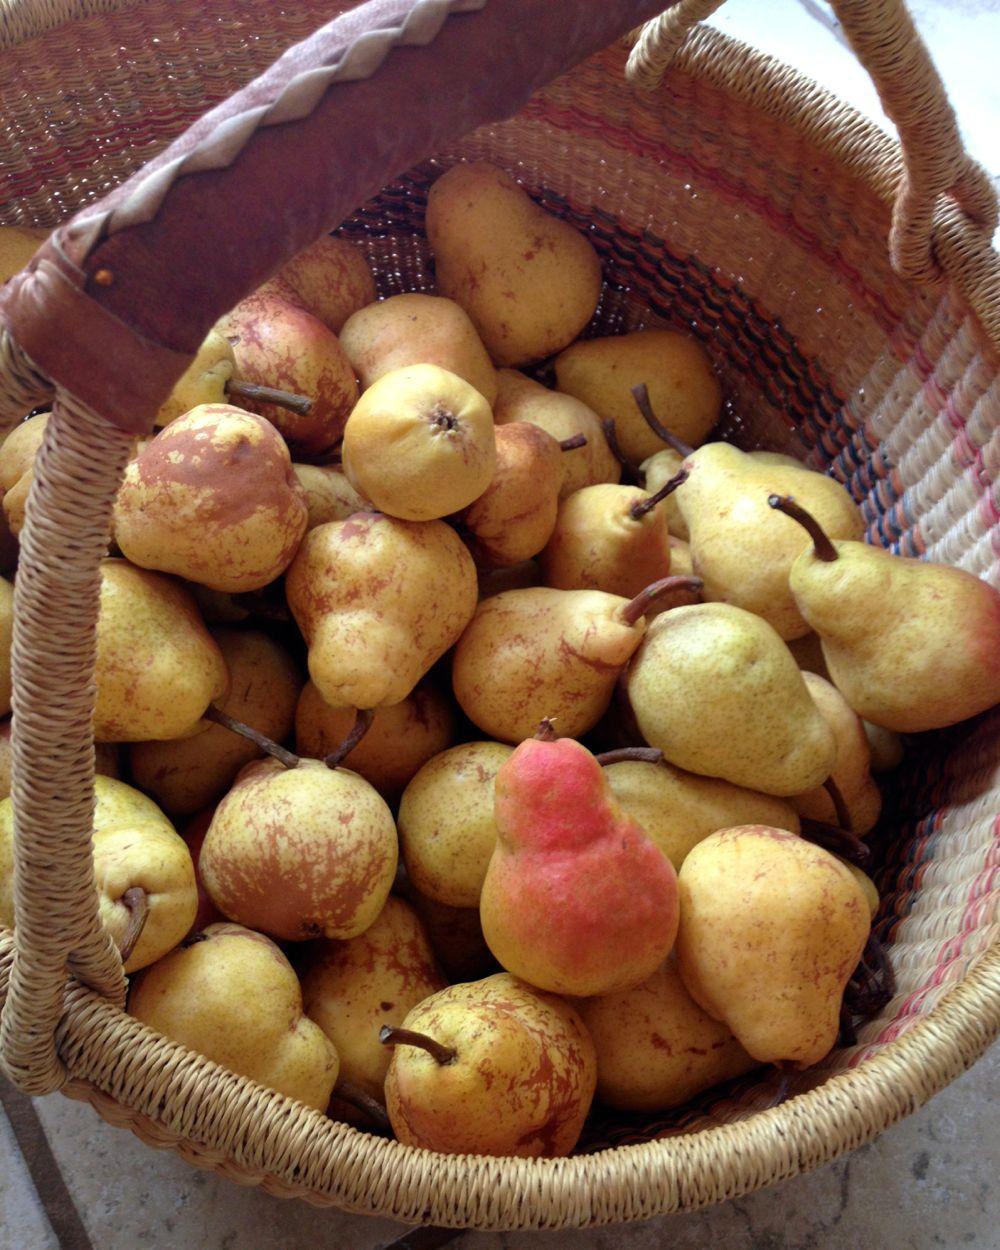 Aidian's Pears